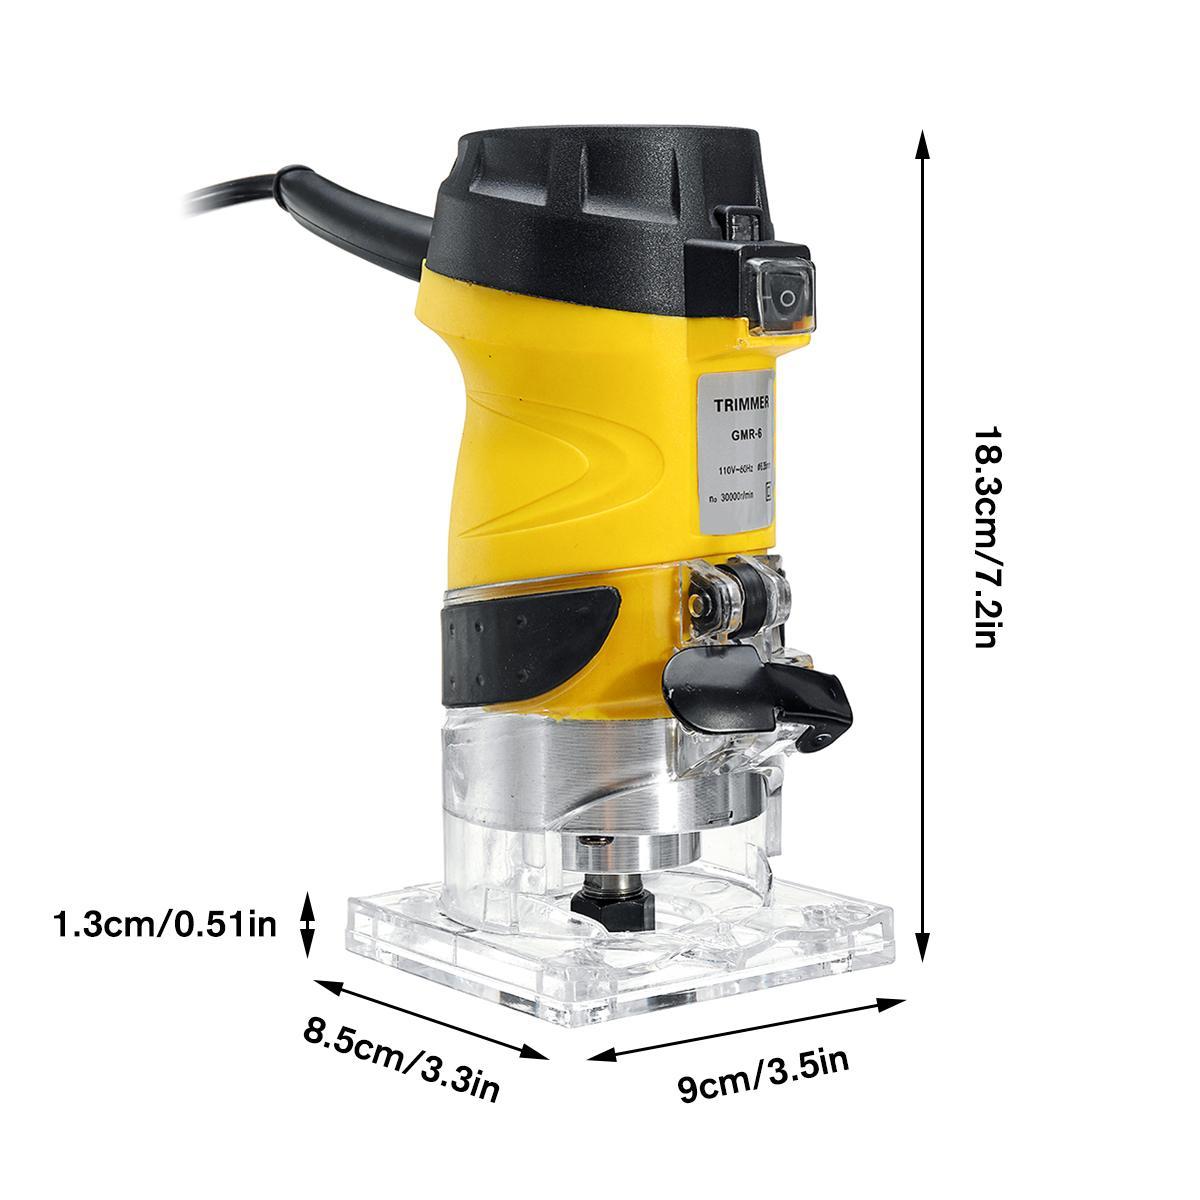 Nouveau 2200W électrique main tondeuse bois routeur 6.35mm bois plastifieuse menuiserie coupe découpage Machine outil électrique - 5